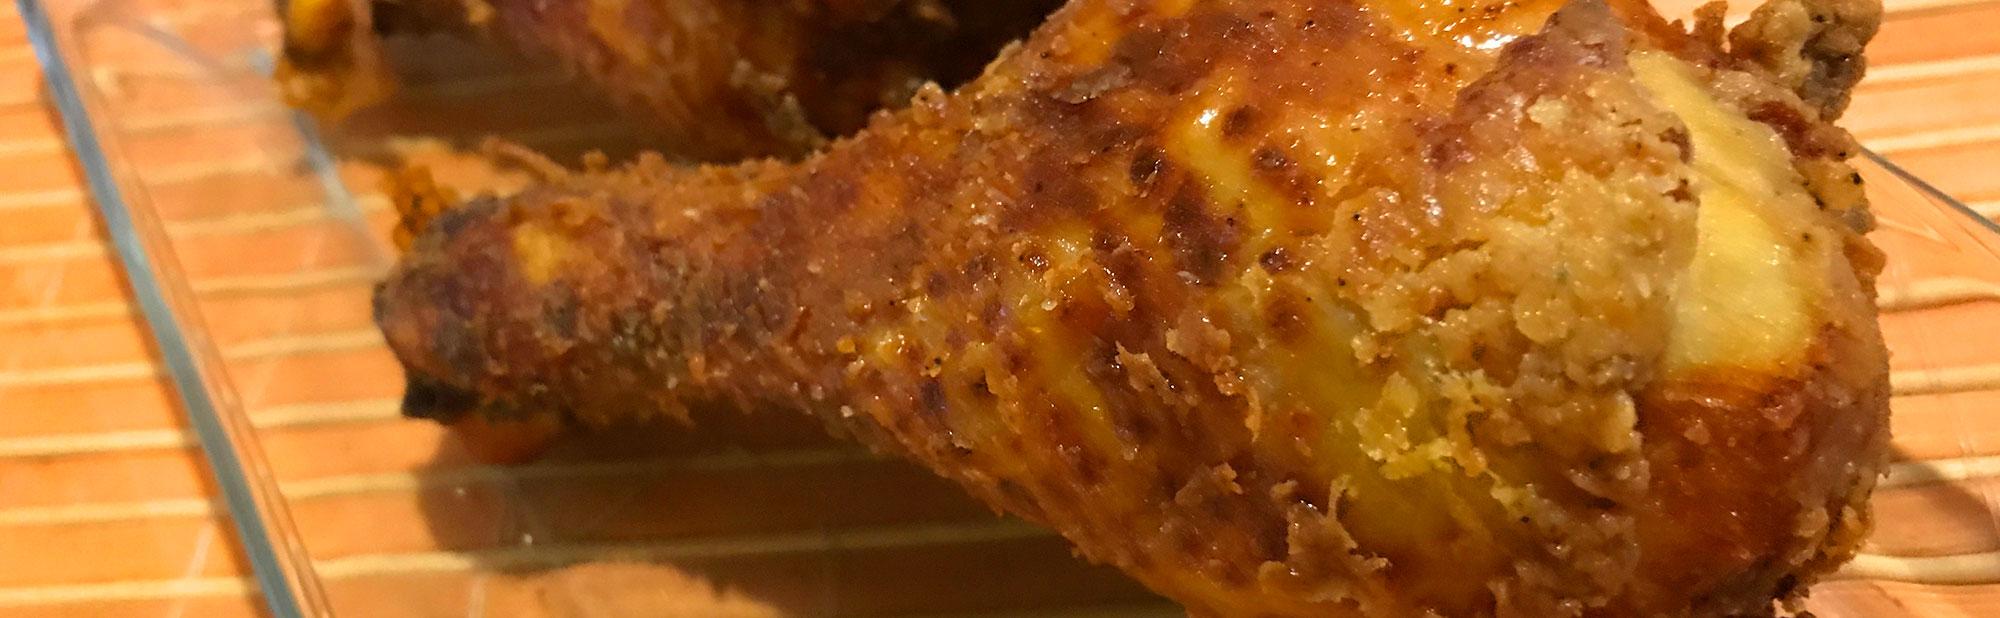 La Antojadera | Pollo Frito